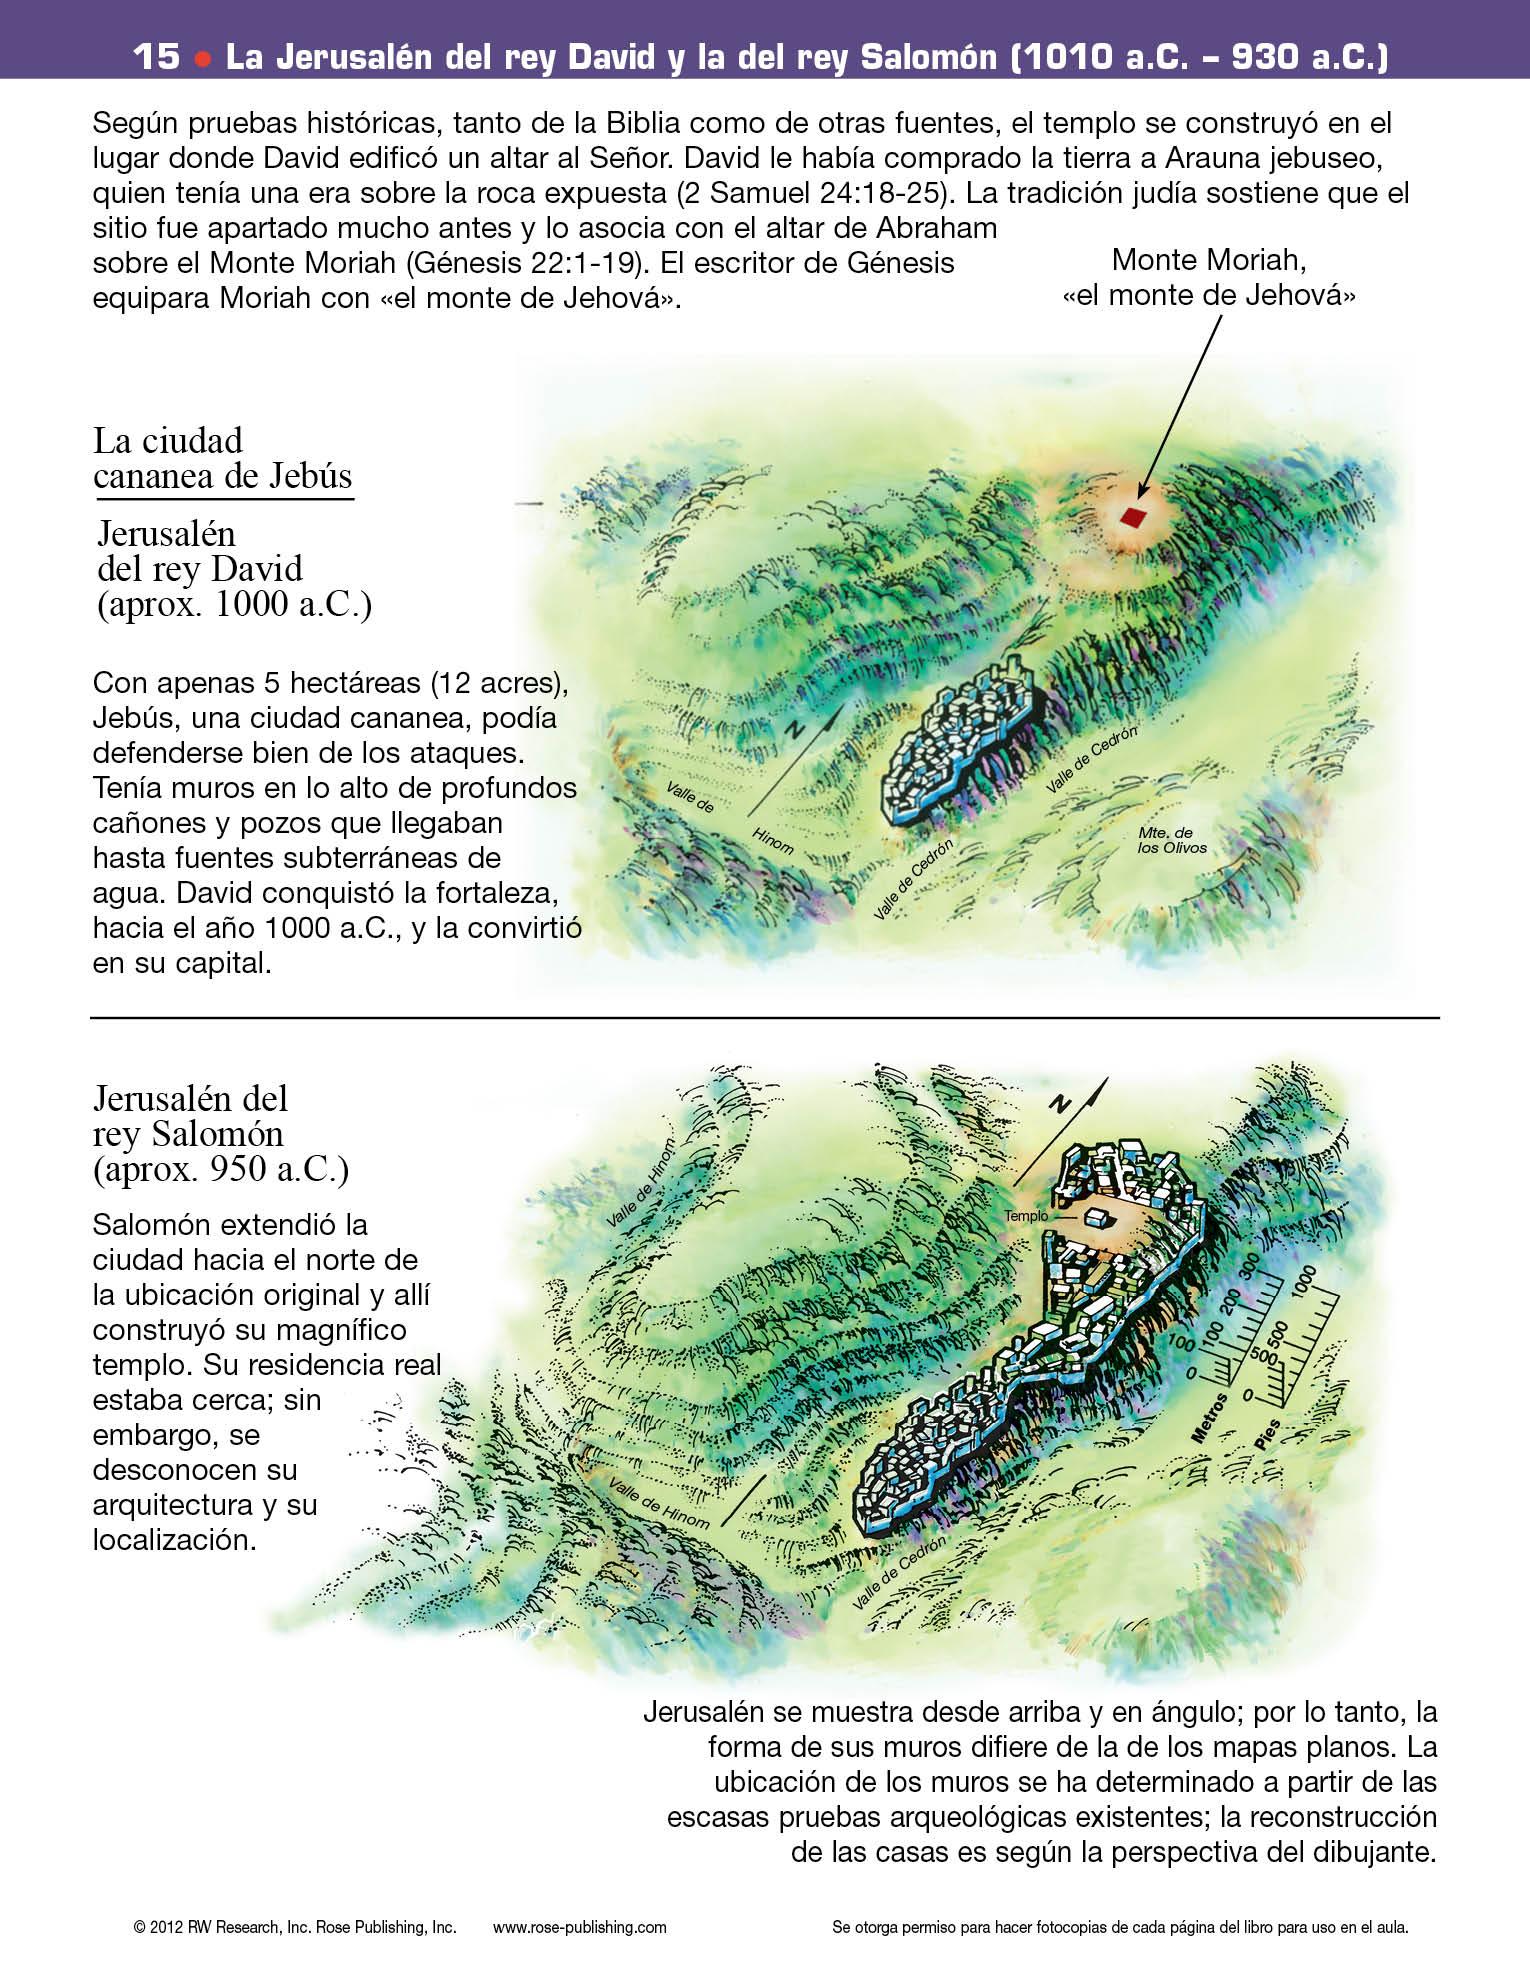 2012-04-26 23.21.22-1.jpg